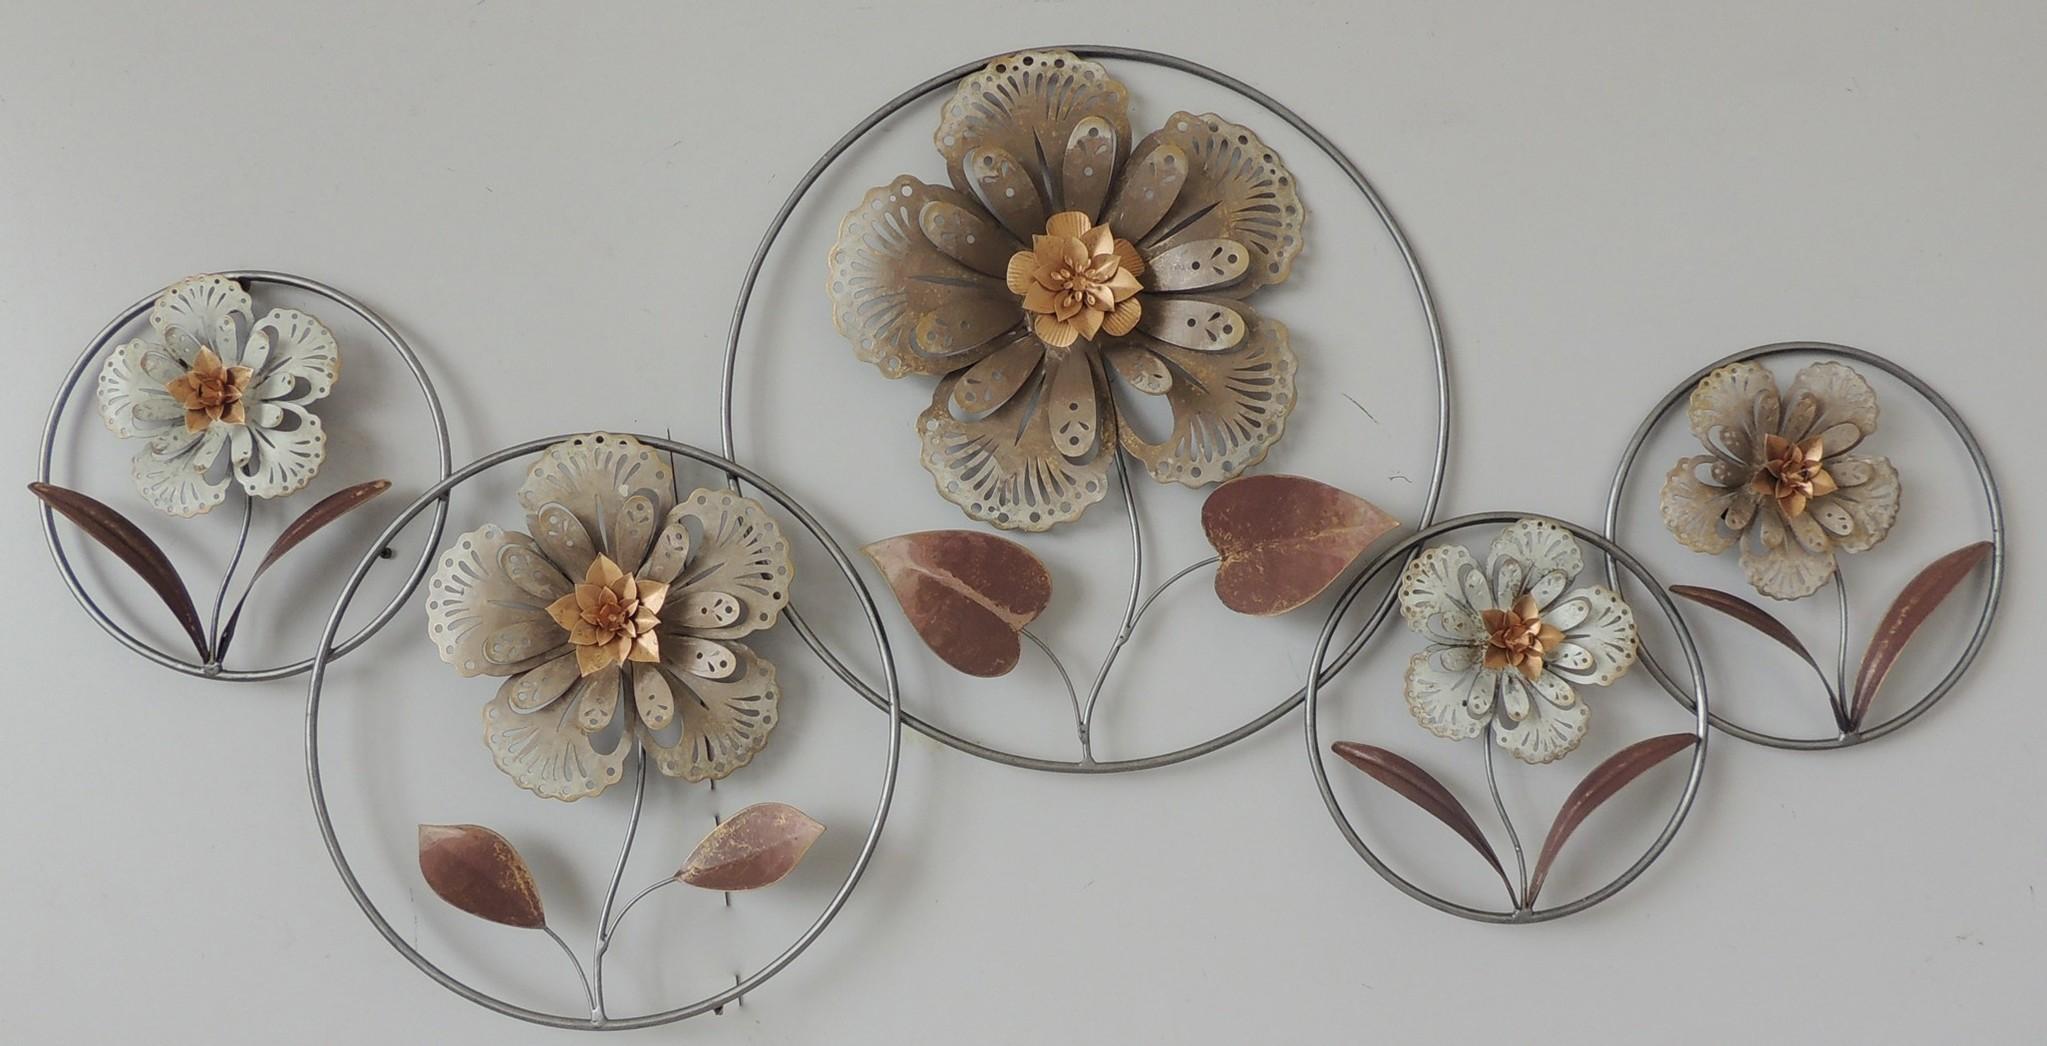 Wanddekoration 3d Blumen im Kreis 64x124cm